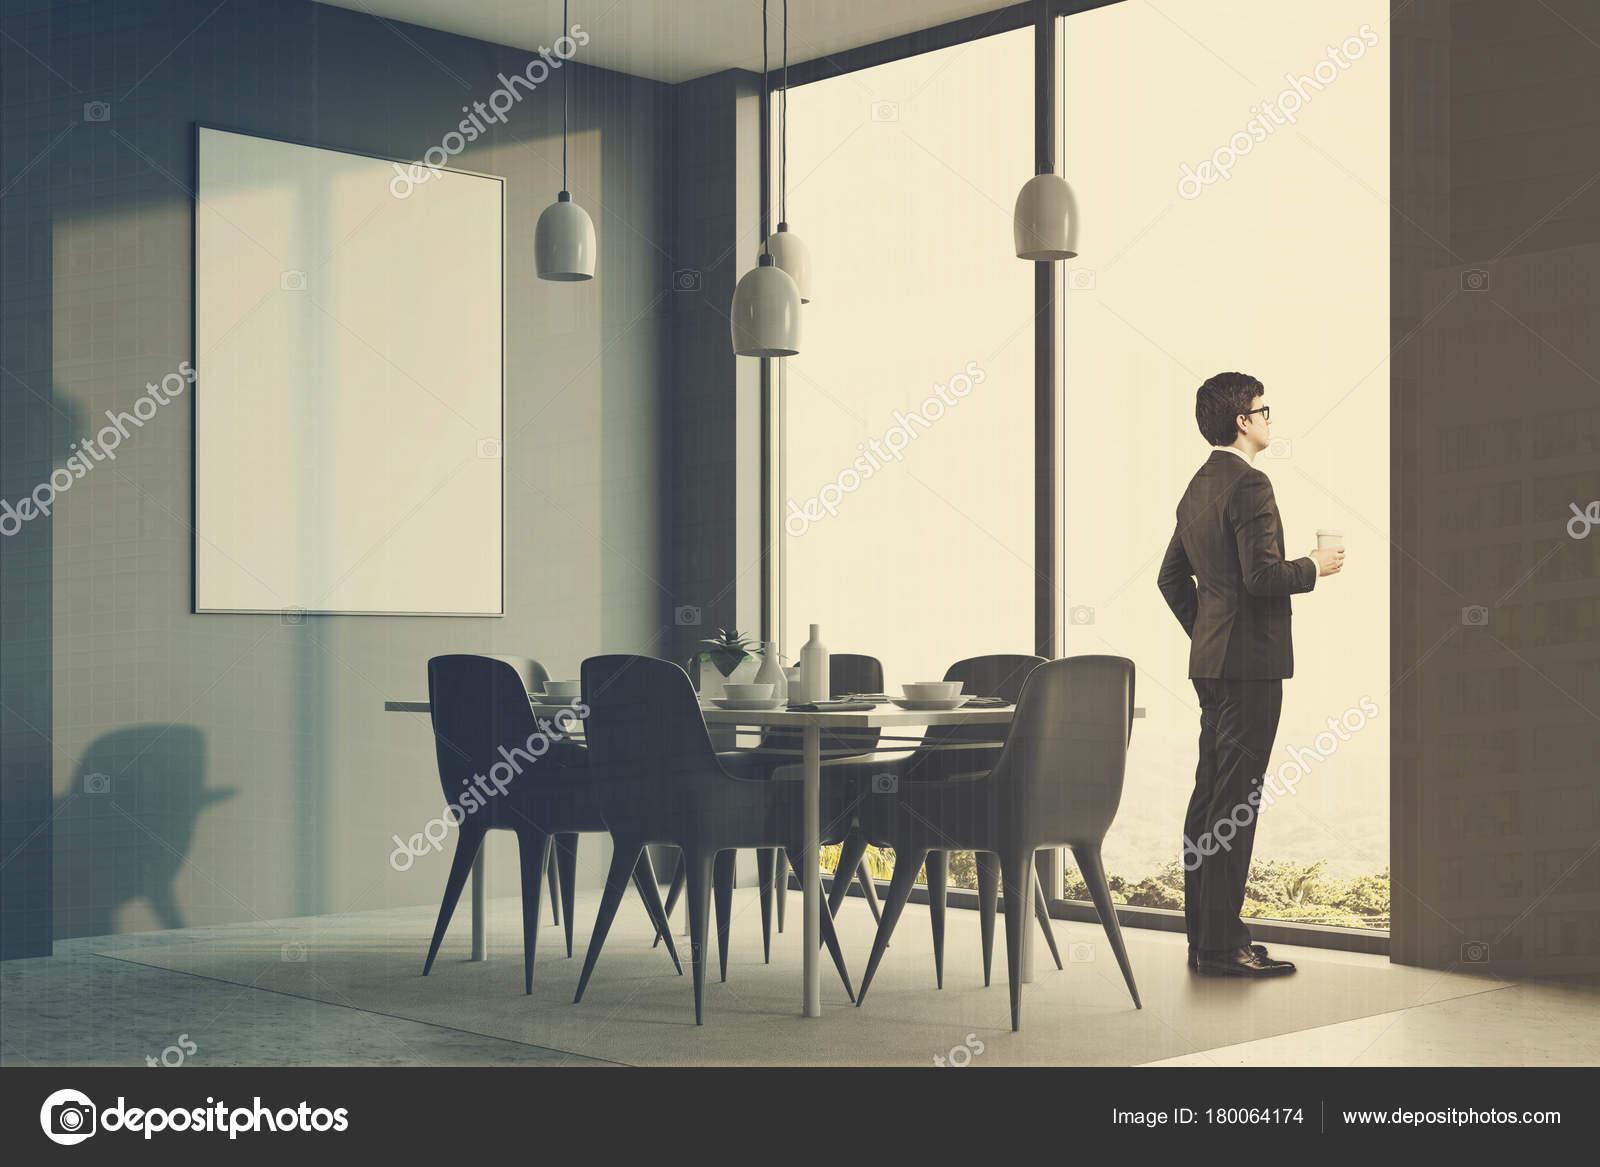 Graue minimalistisch esszimmer ecke plakat mann u2014 stockfoto